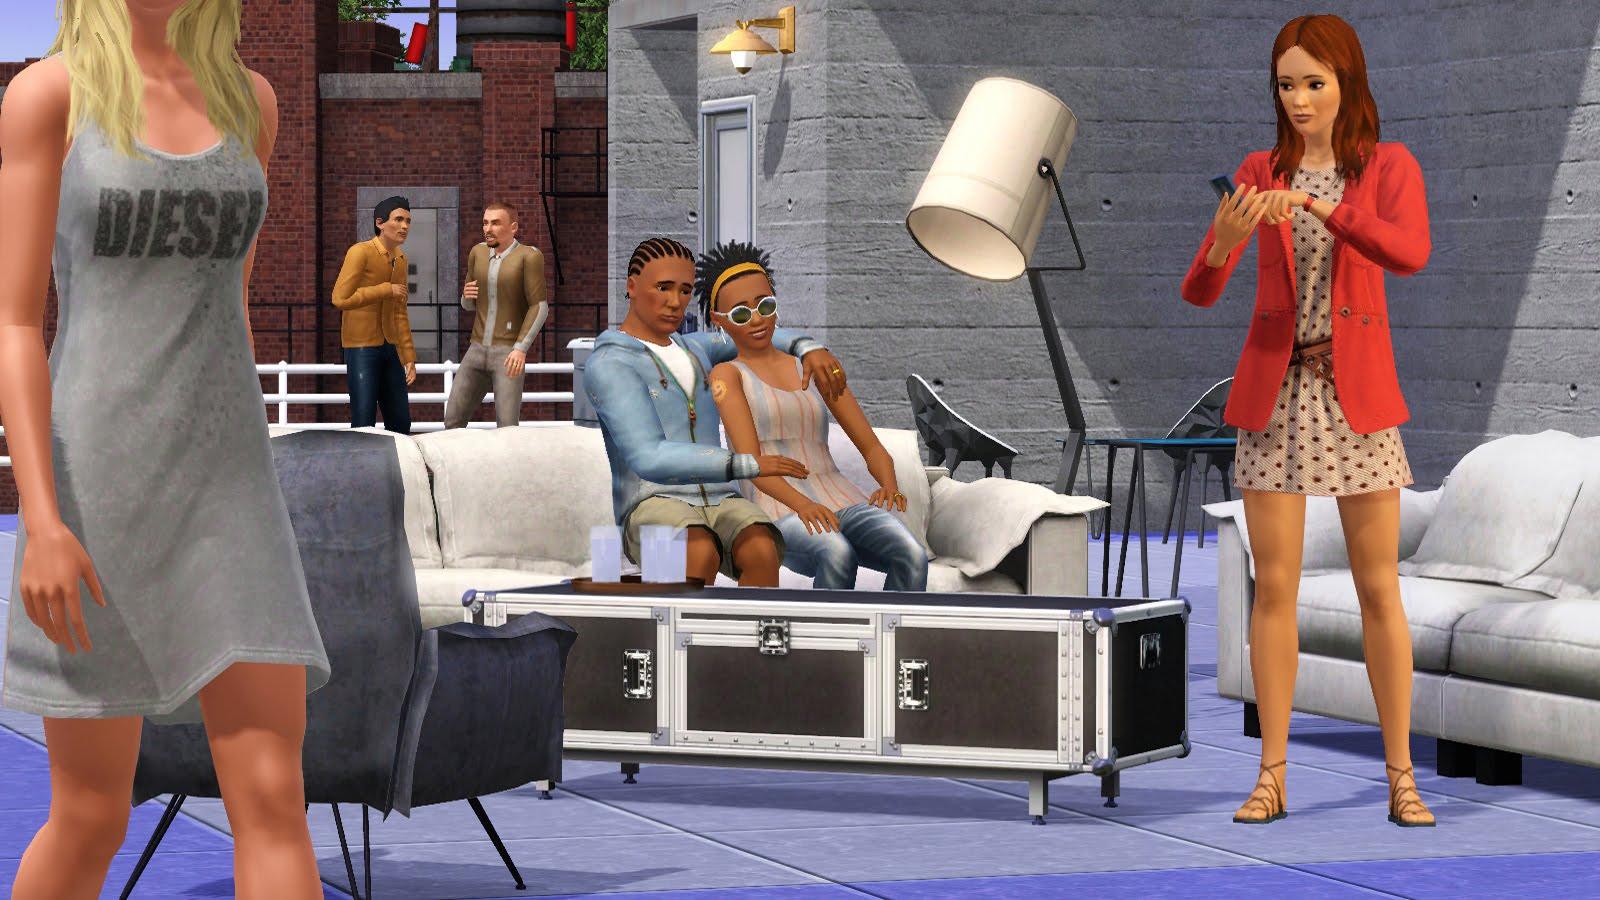 Imagenes PC los sims 3 Diesel Accesorios